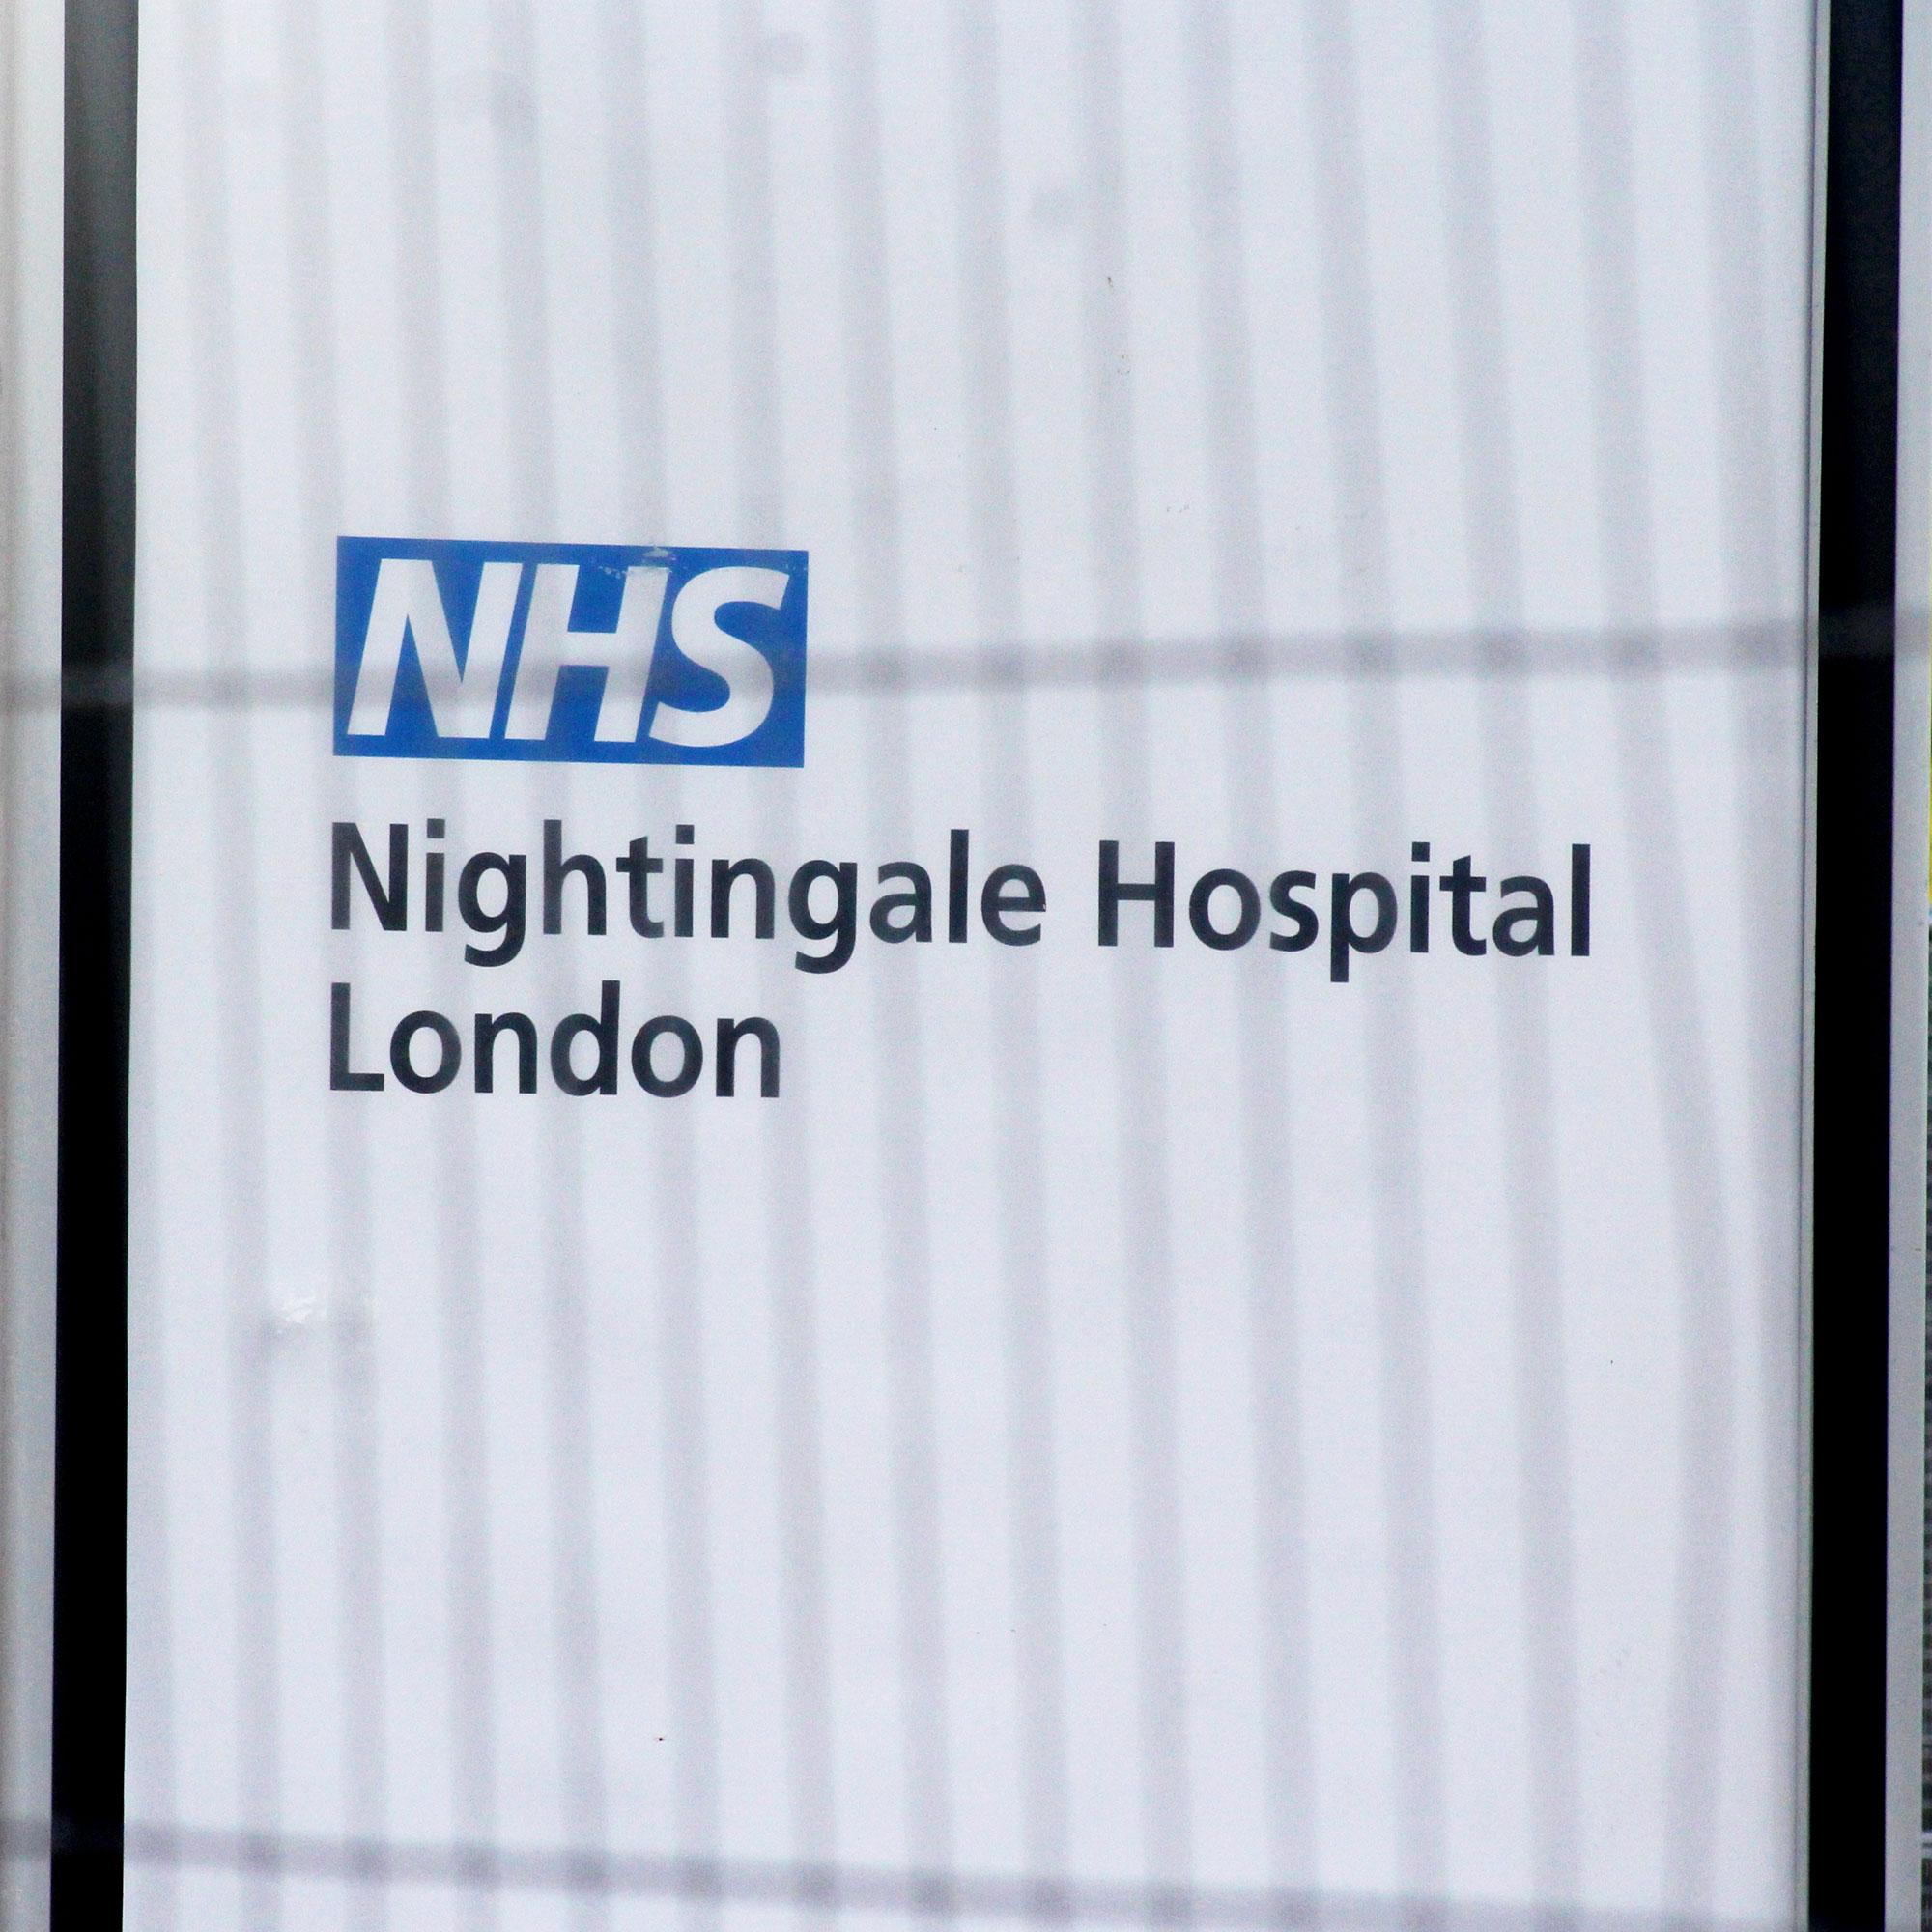 NHS Nightingale Hospital